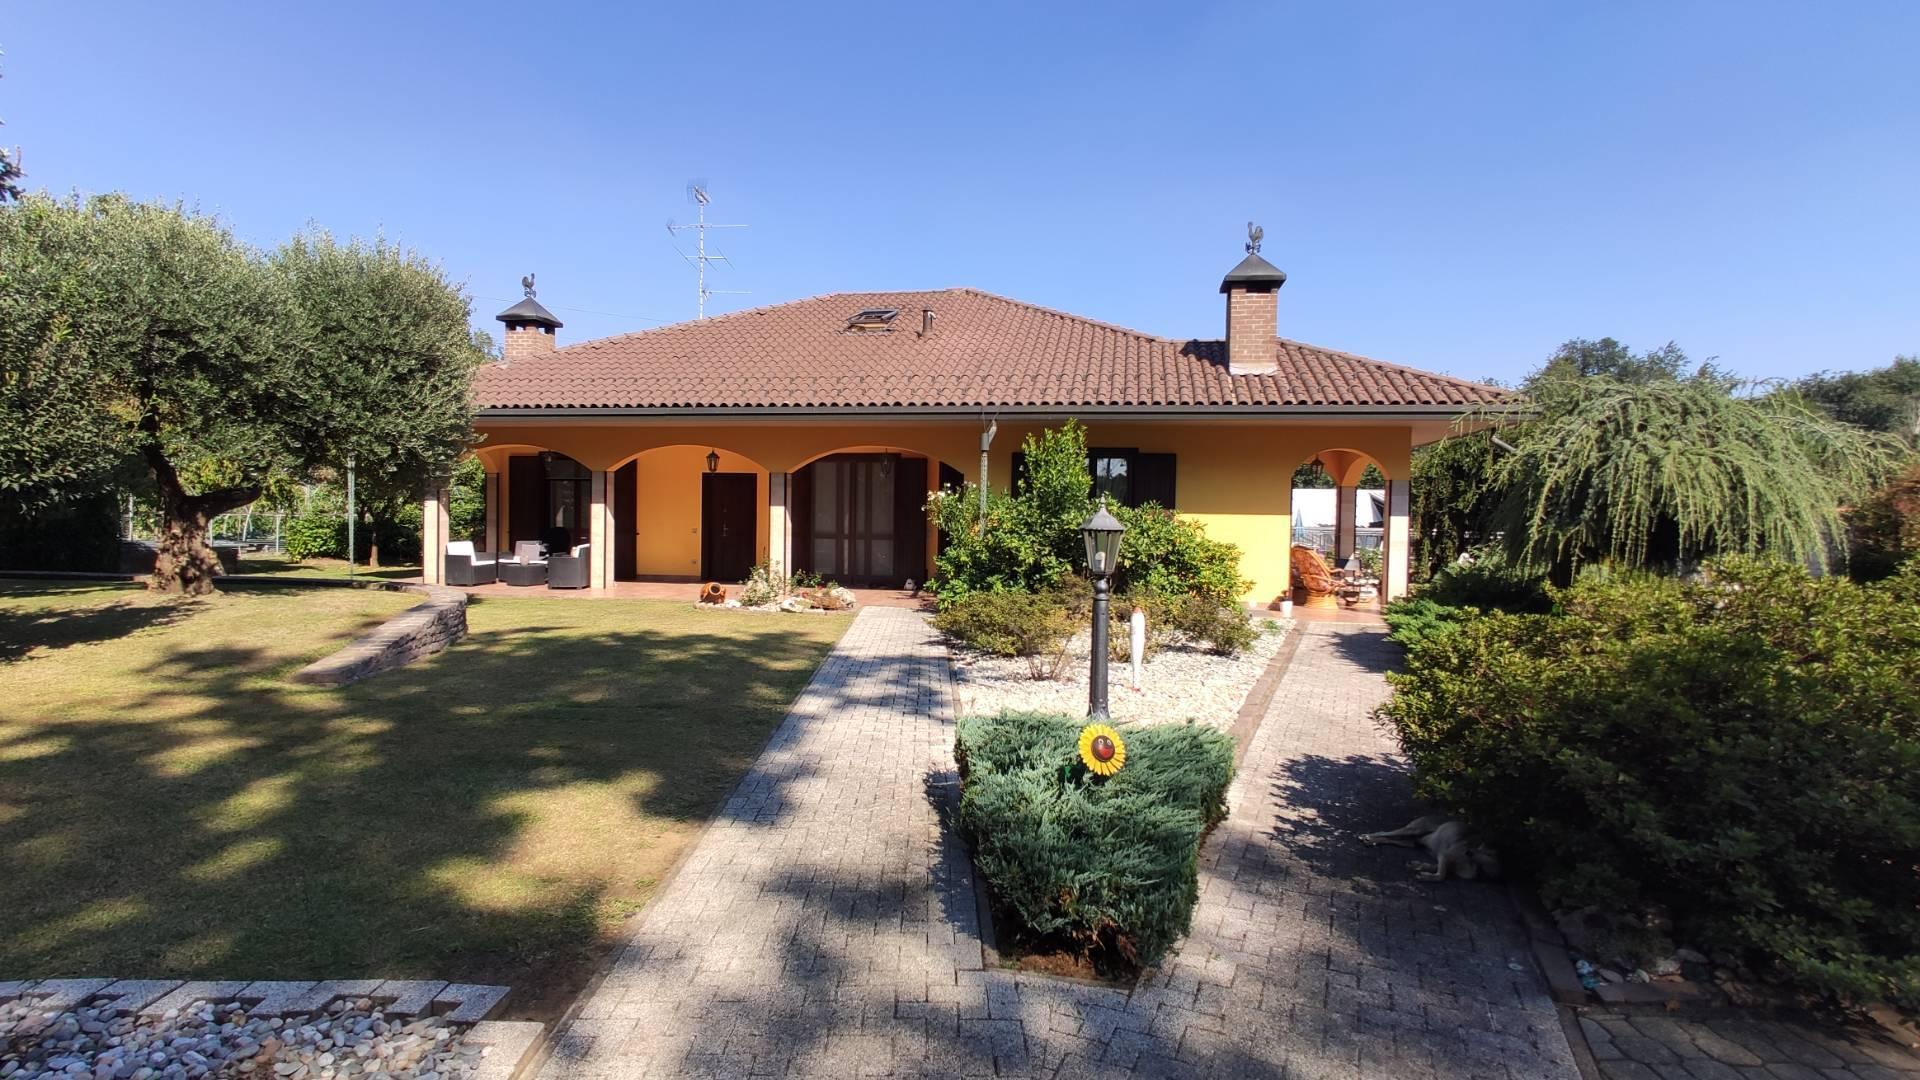 Villa in vendita a Olgiate Olona, 10 locali, prezzo € 750.000 | CambioCasa.it